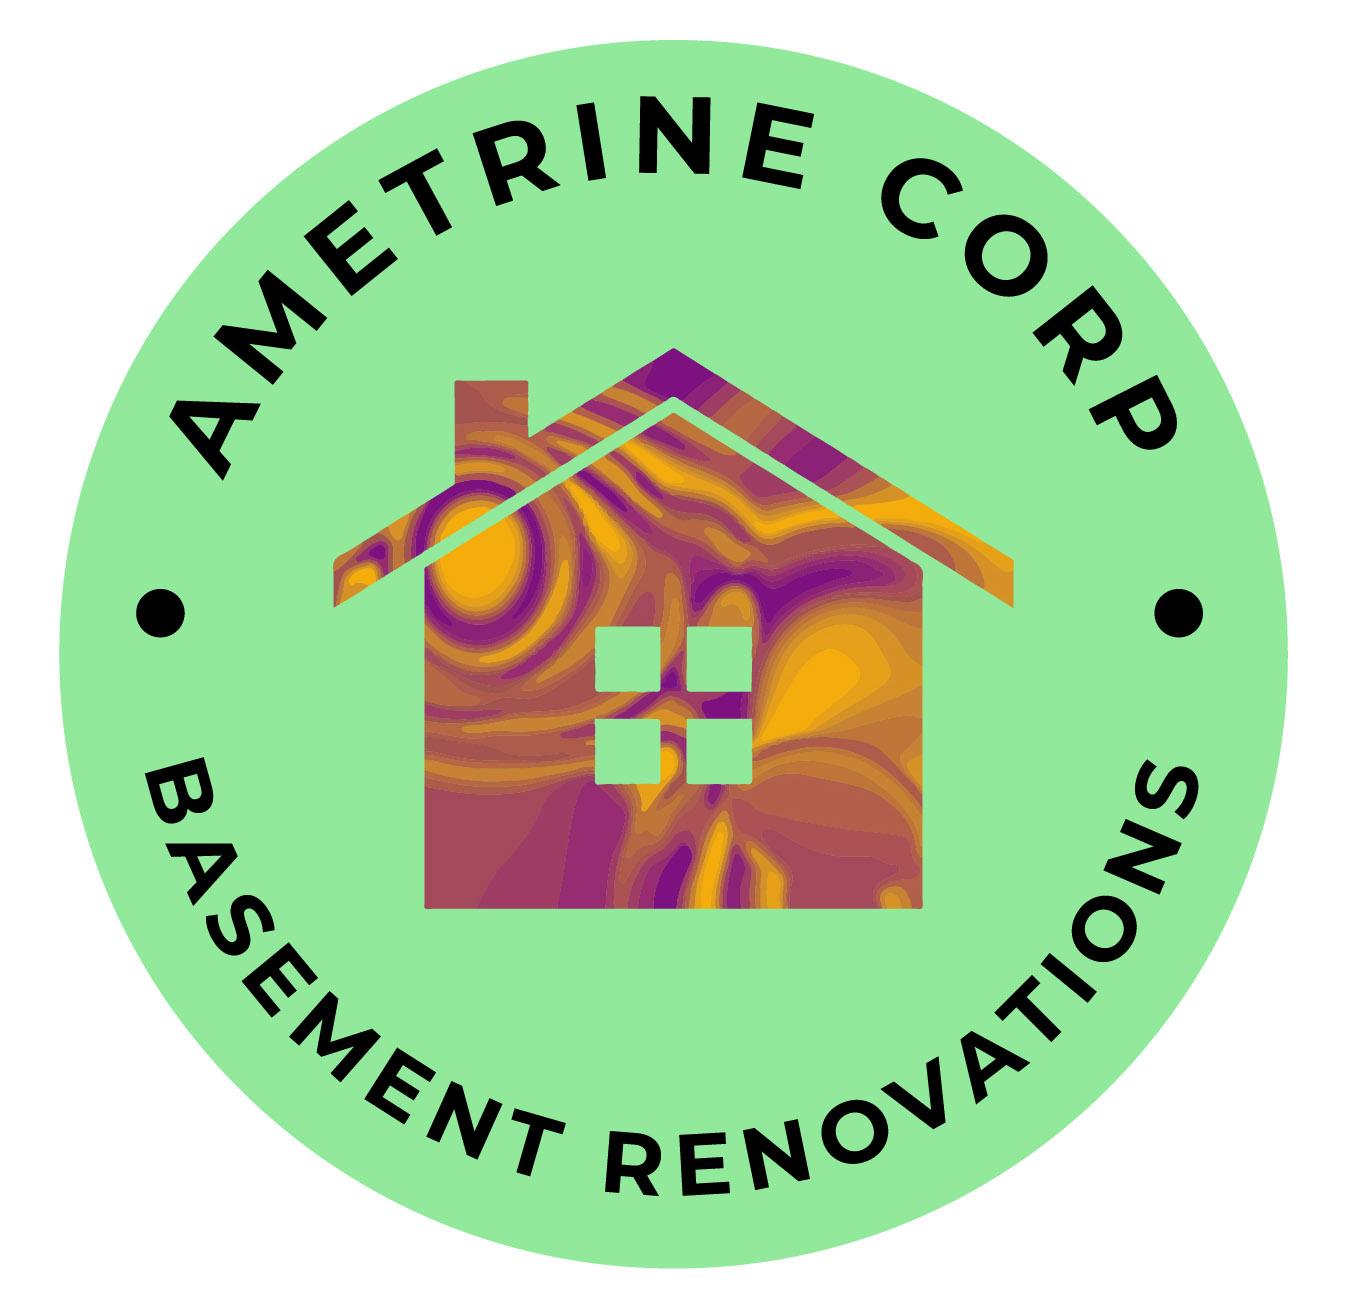 Ametrine Corp